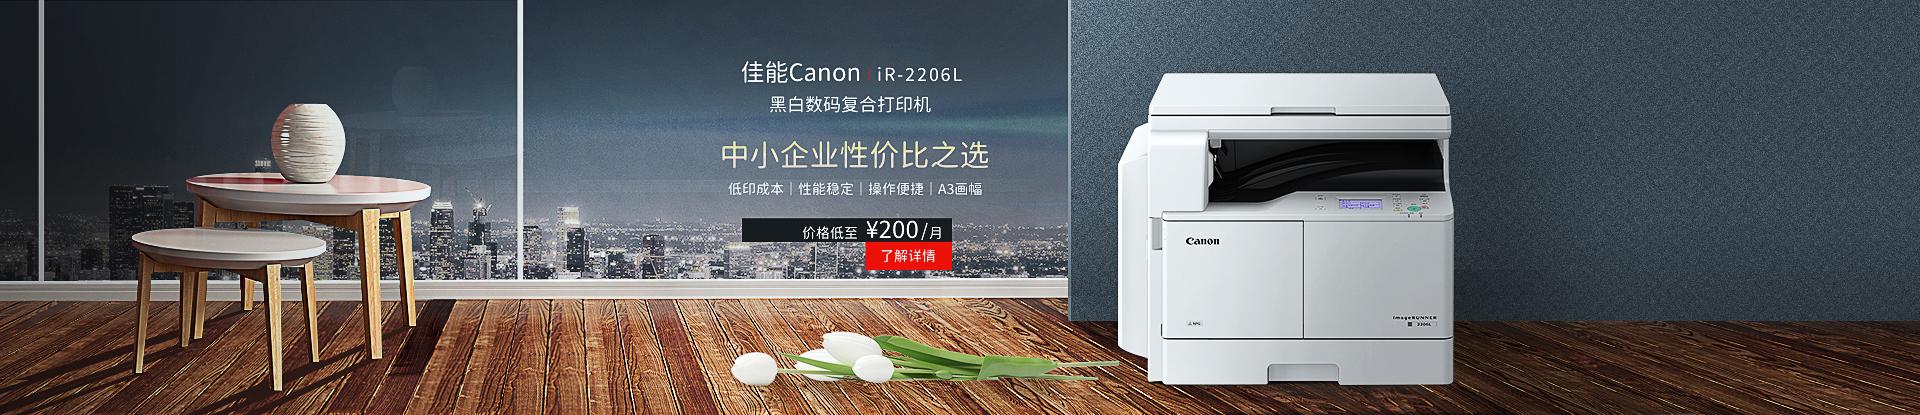 佳能Canon iR-2206L 黑白数码复合打印机